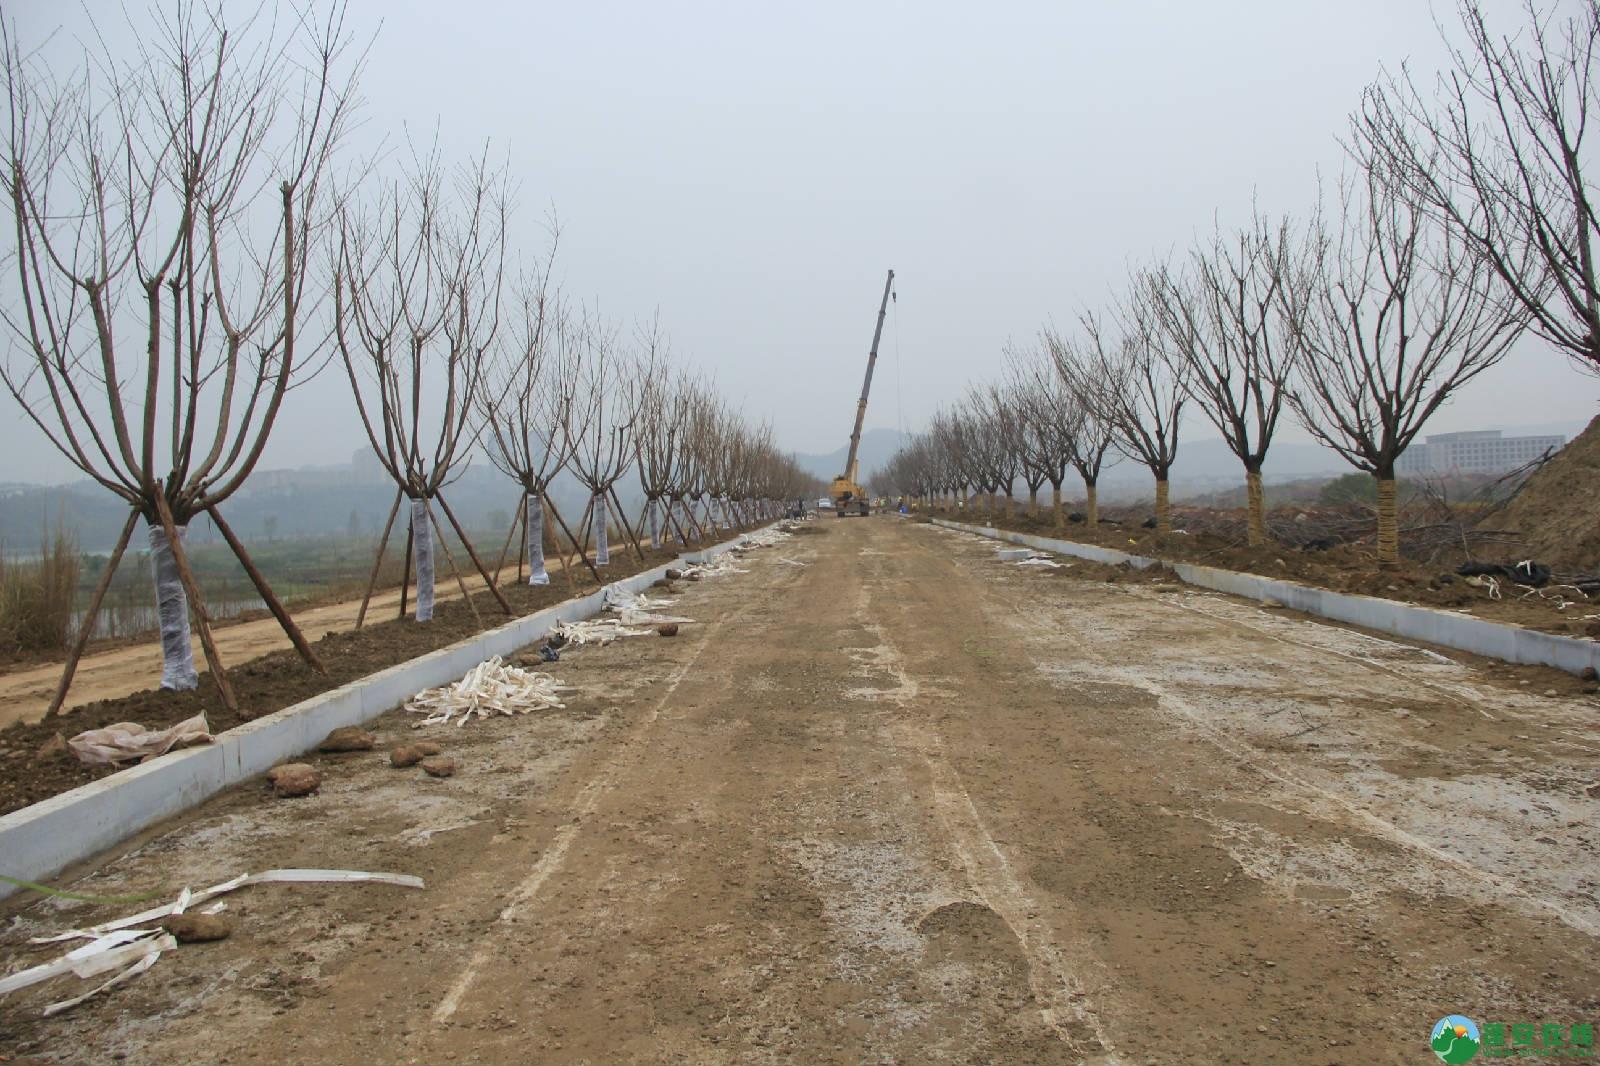 蓬安锦屏湿地公园嘉陵江跑道建设进度 - 第2张  | 蓬安在线